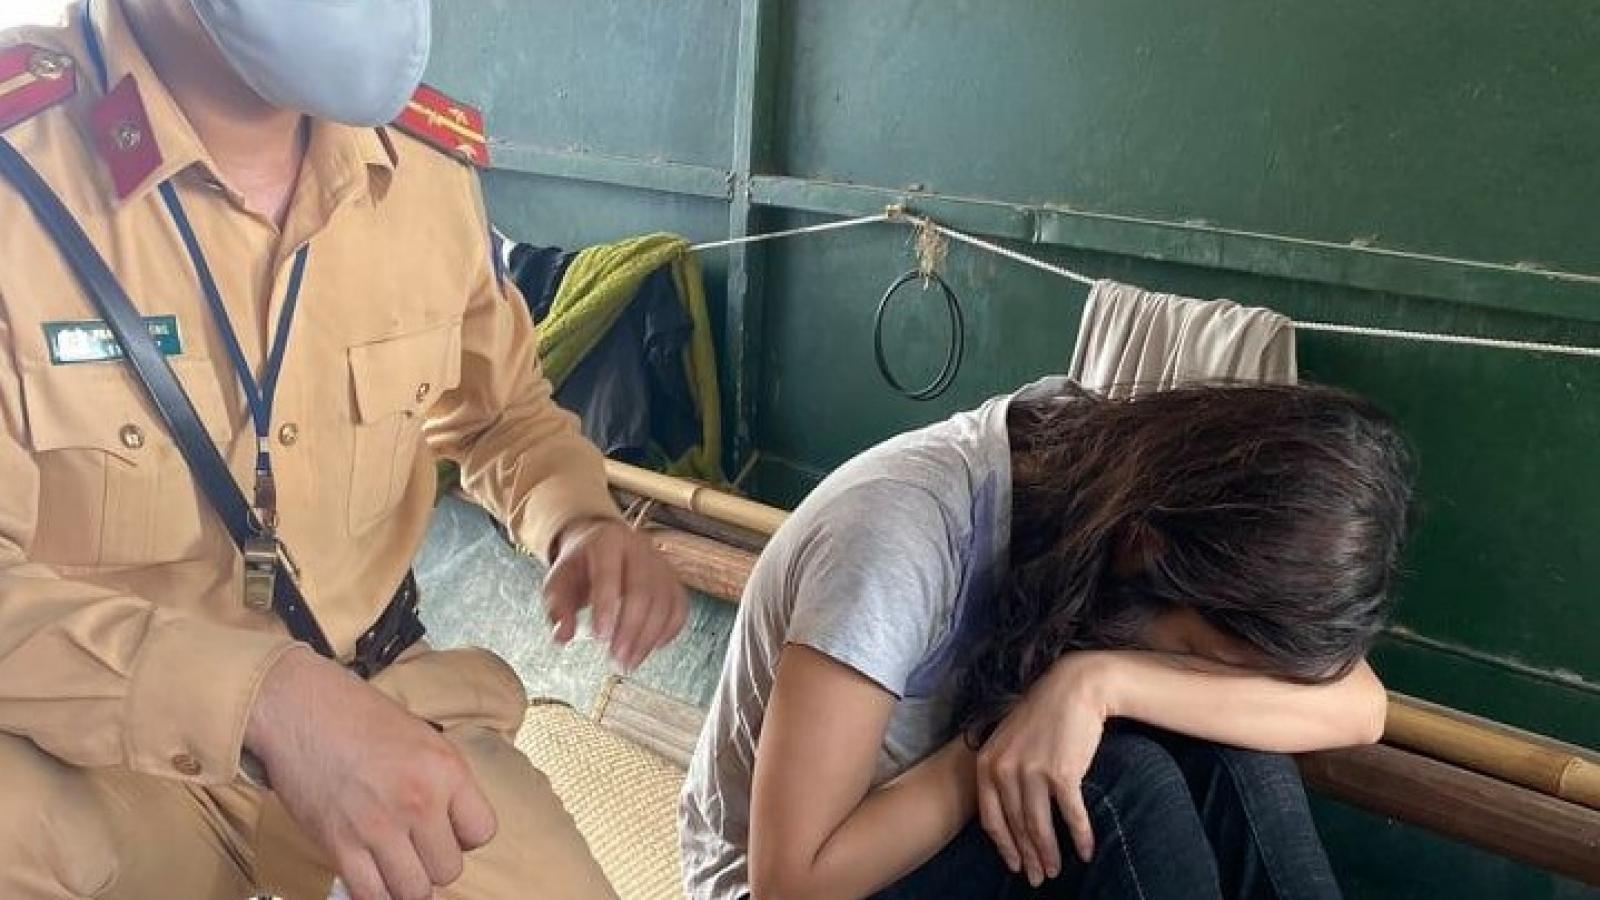 Tri hô thuyền chài kịp thời cứu vớt cô gái trẻ nhảy sông Hồng tự tử